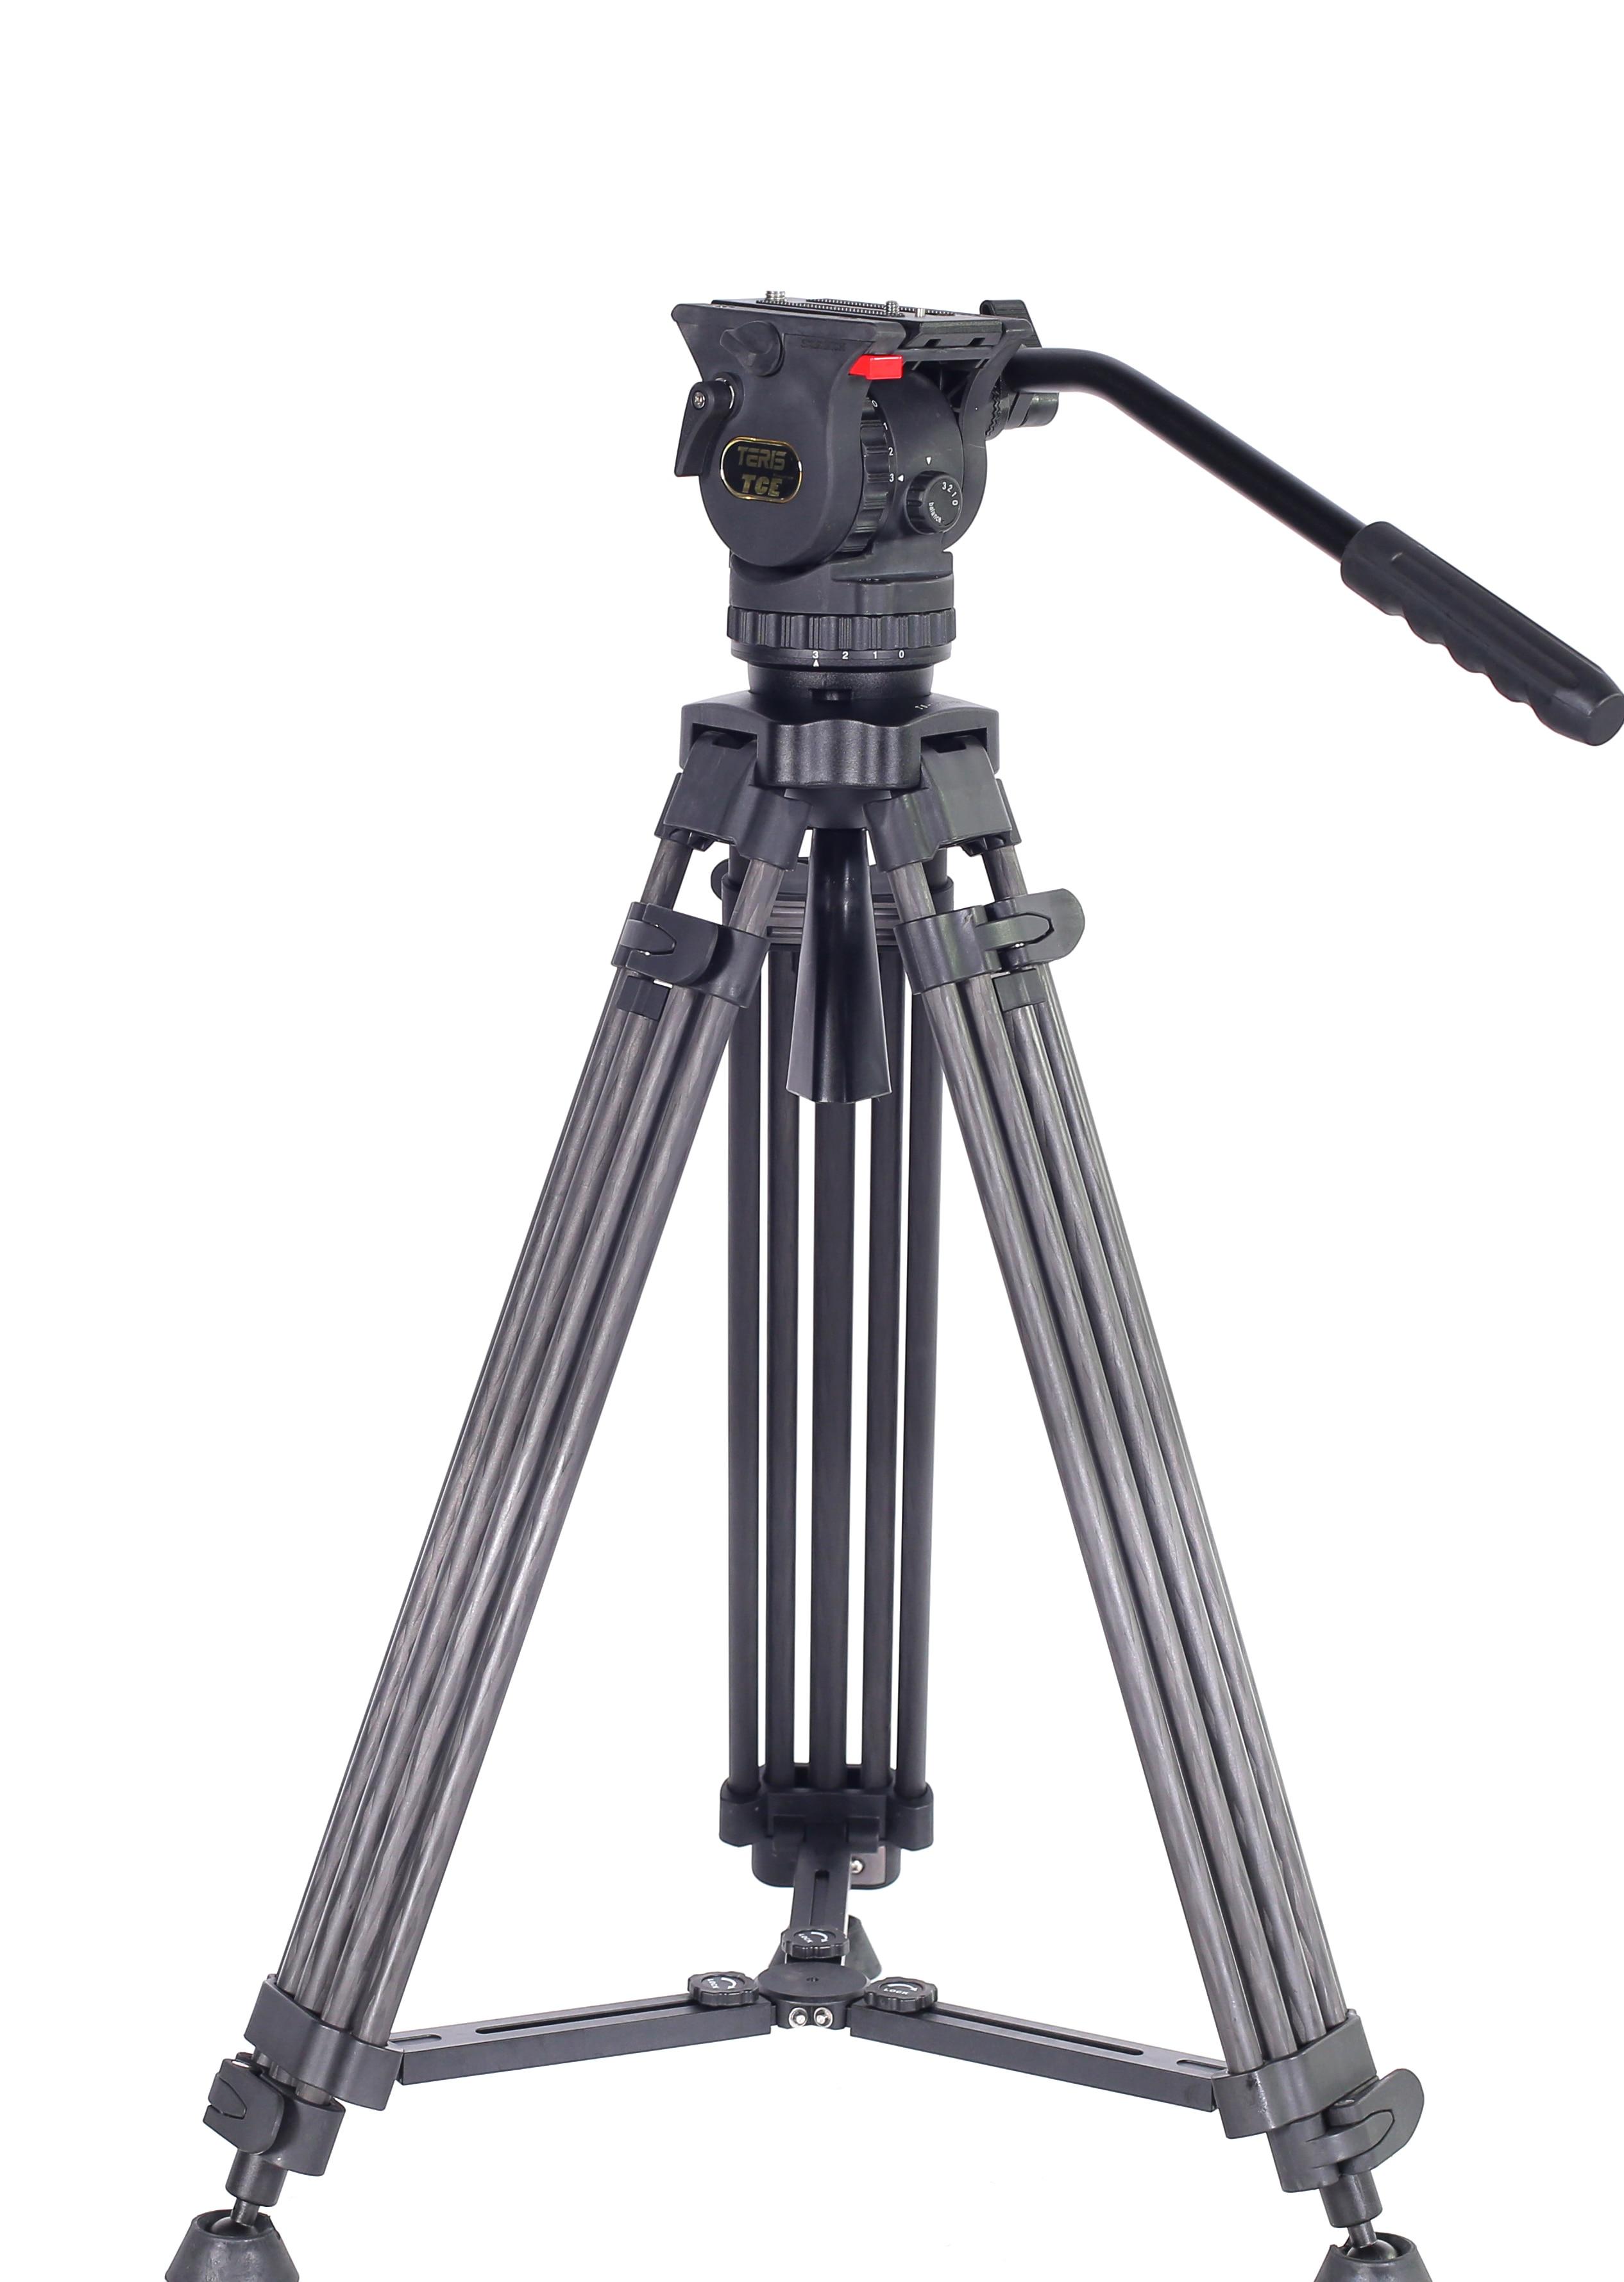 TERIS TCE-CF حامل ثلاثي القوائم من الفايبر للكاميرا مع حمولة رأس السوائل 7 كجم الحمولة